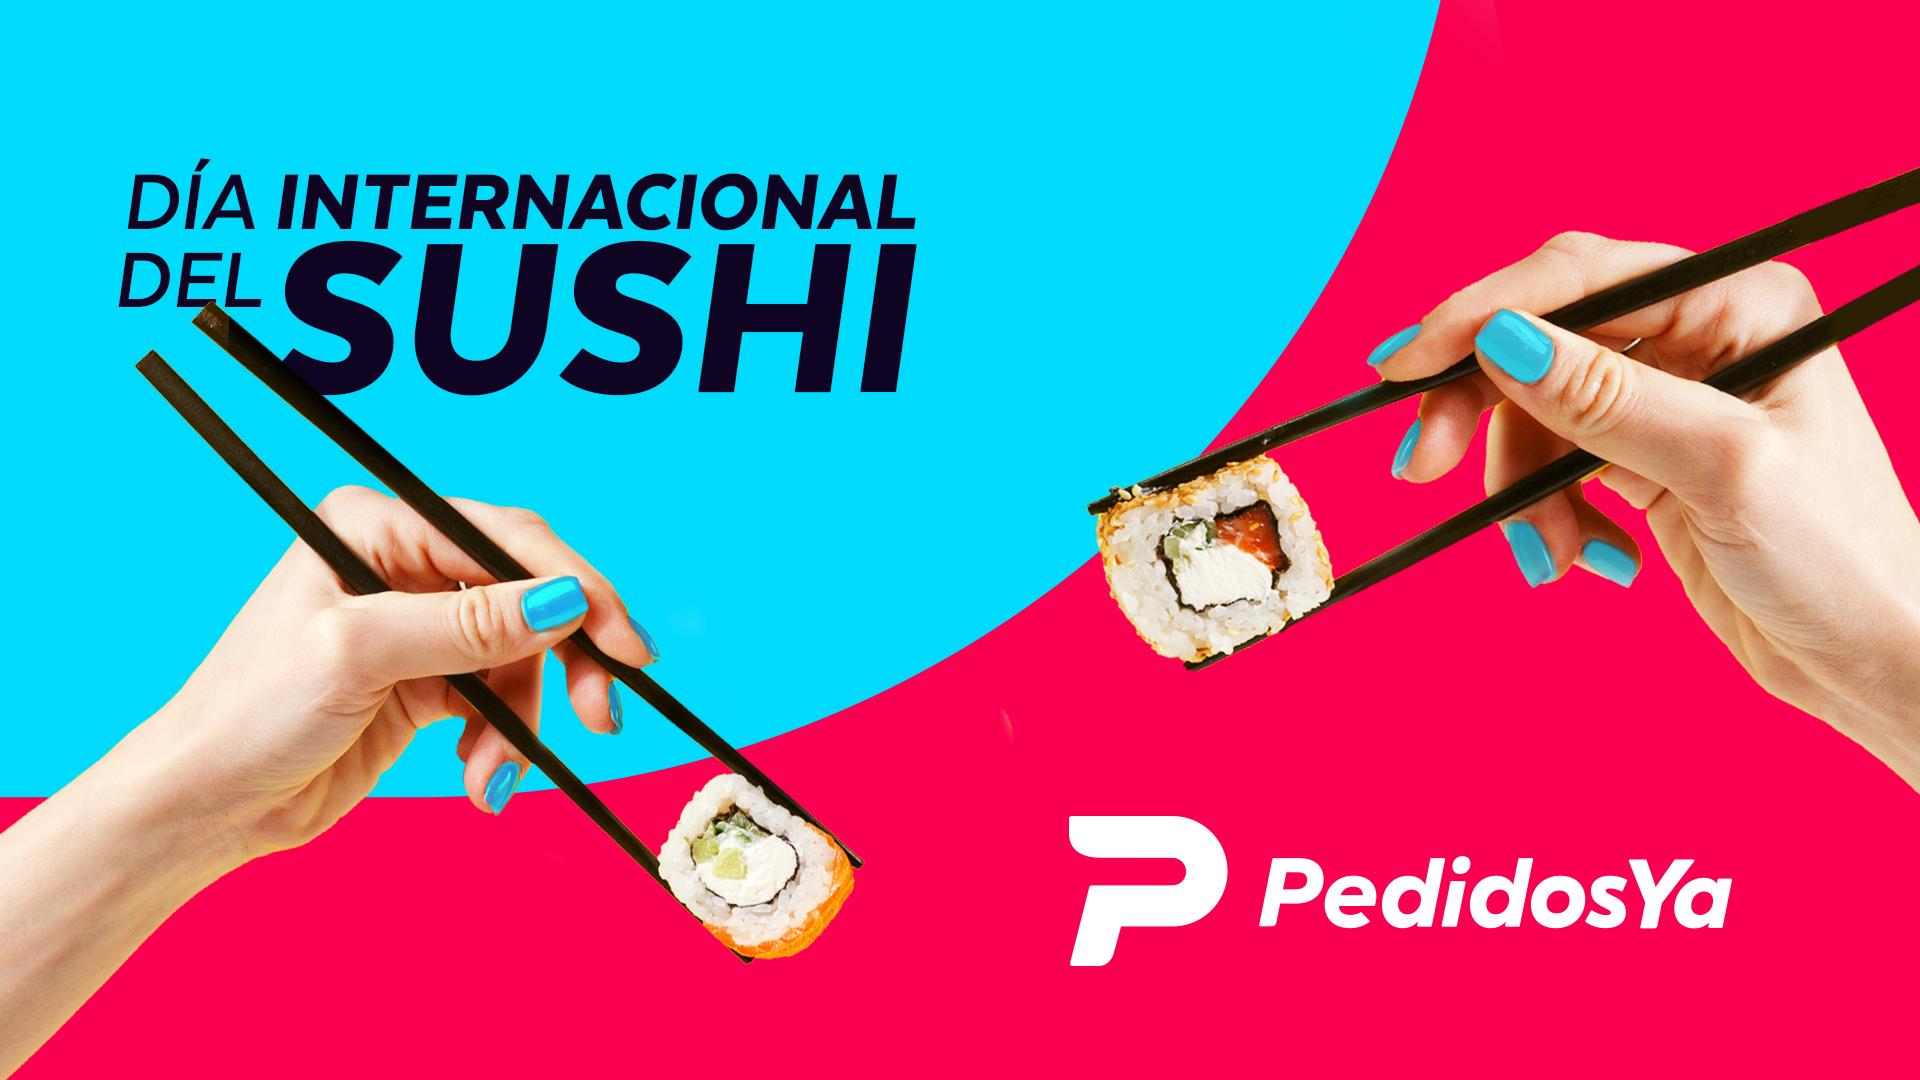 Durante 2020, en Latinoamérica se hicieron más de 3 millones de pedidos de sushi